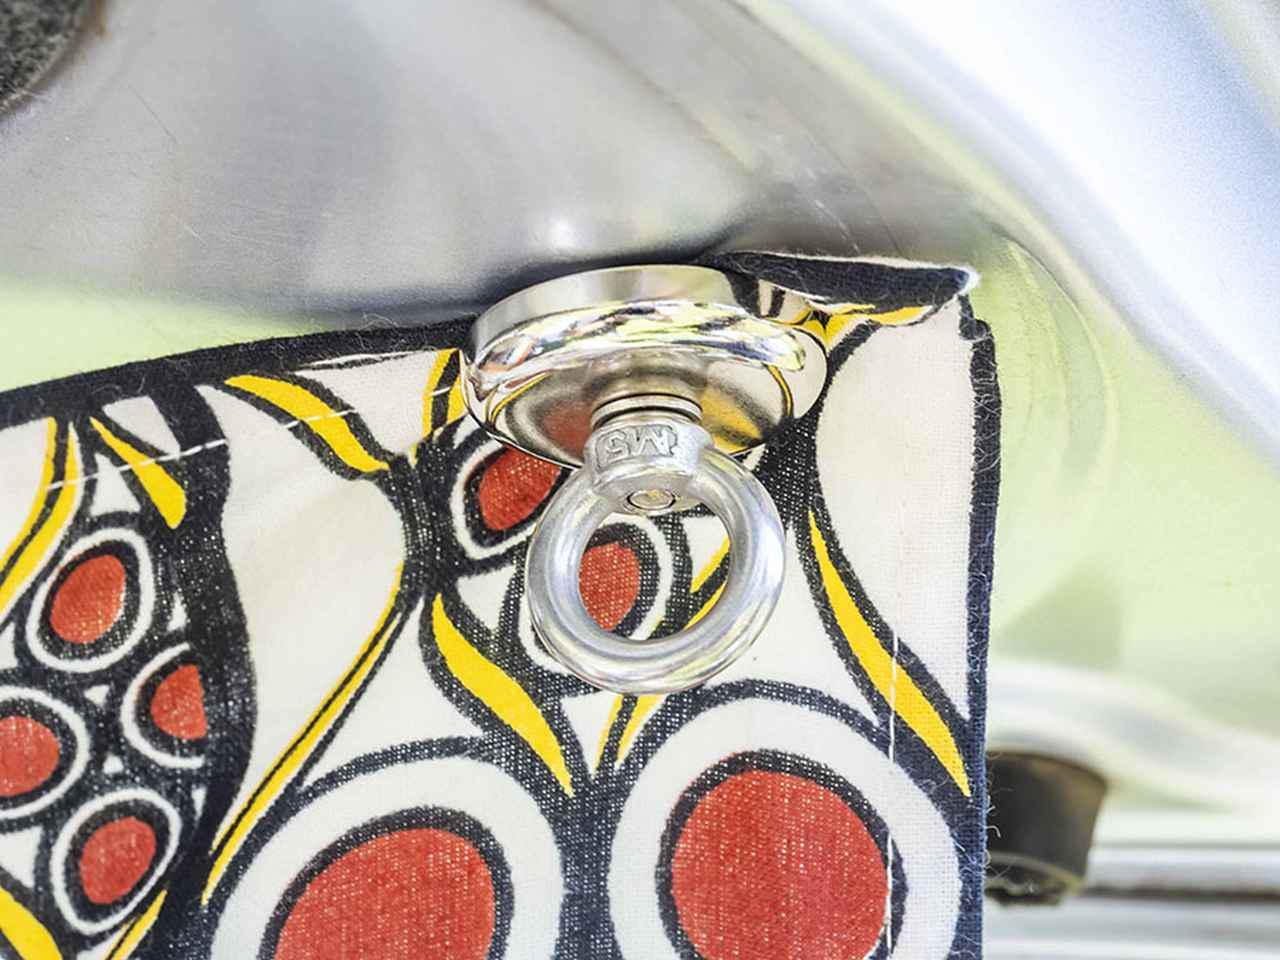 画像: カーテン代わりのファブリックは目隠しとして活用。リアゲートに強力磁石で装着。